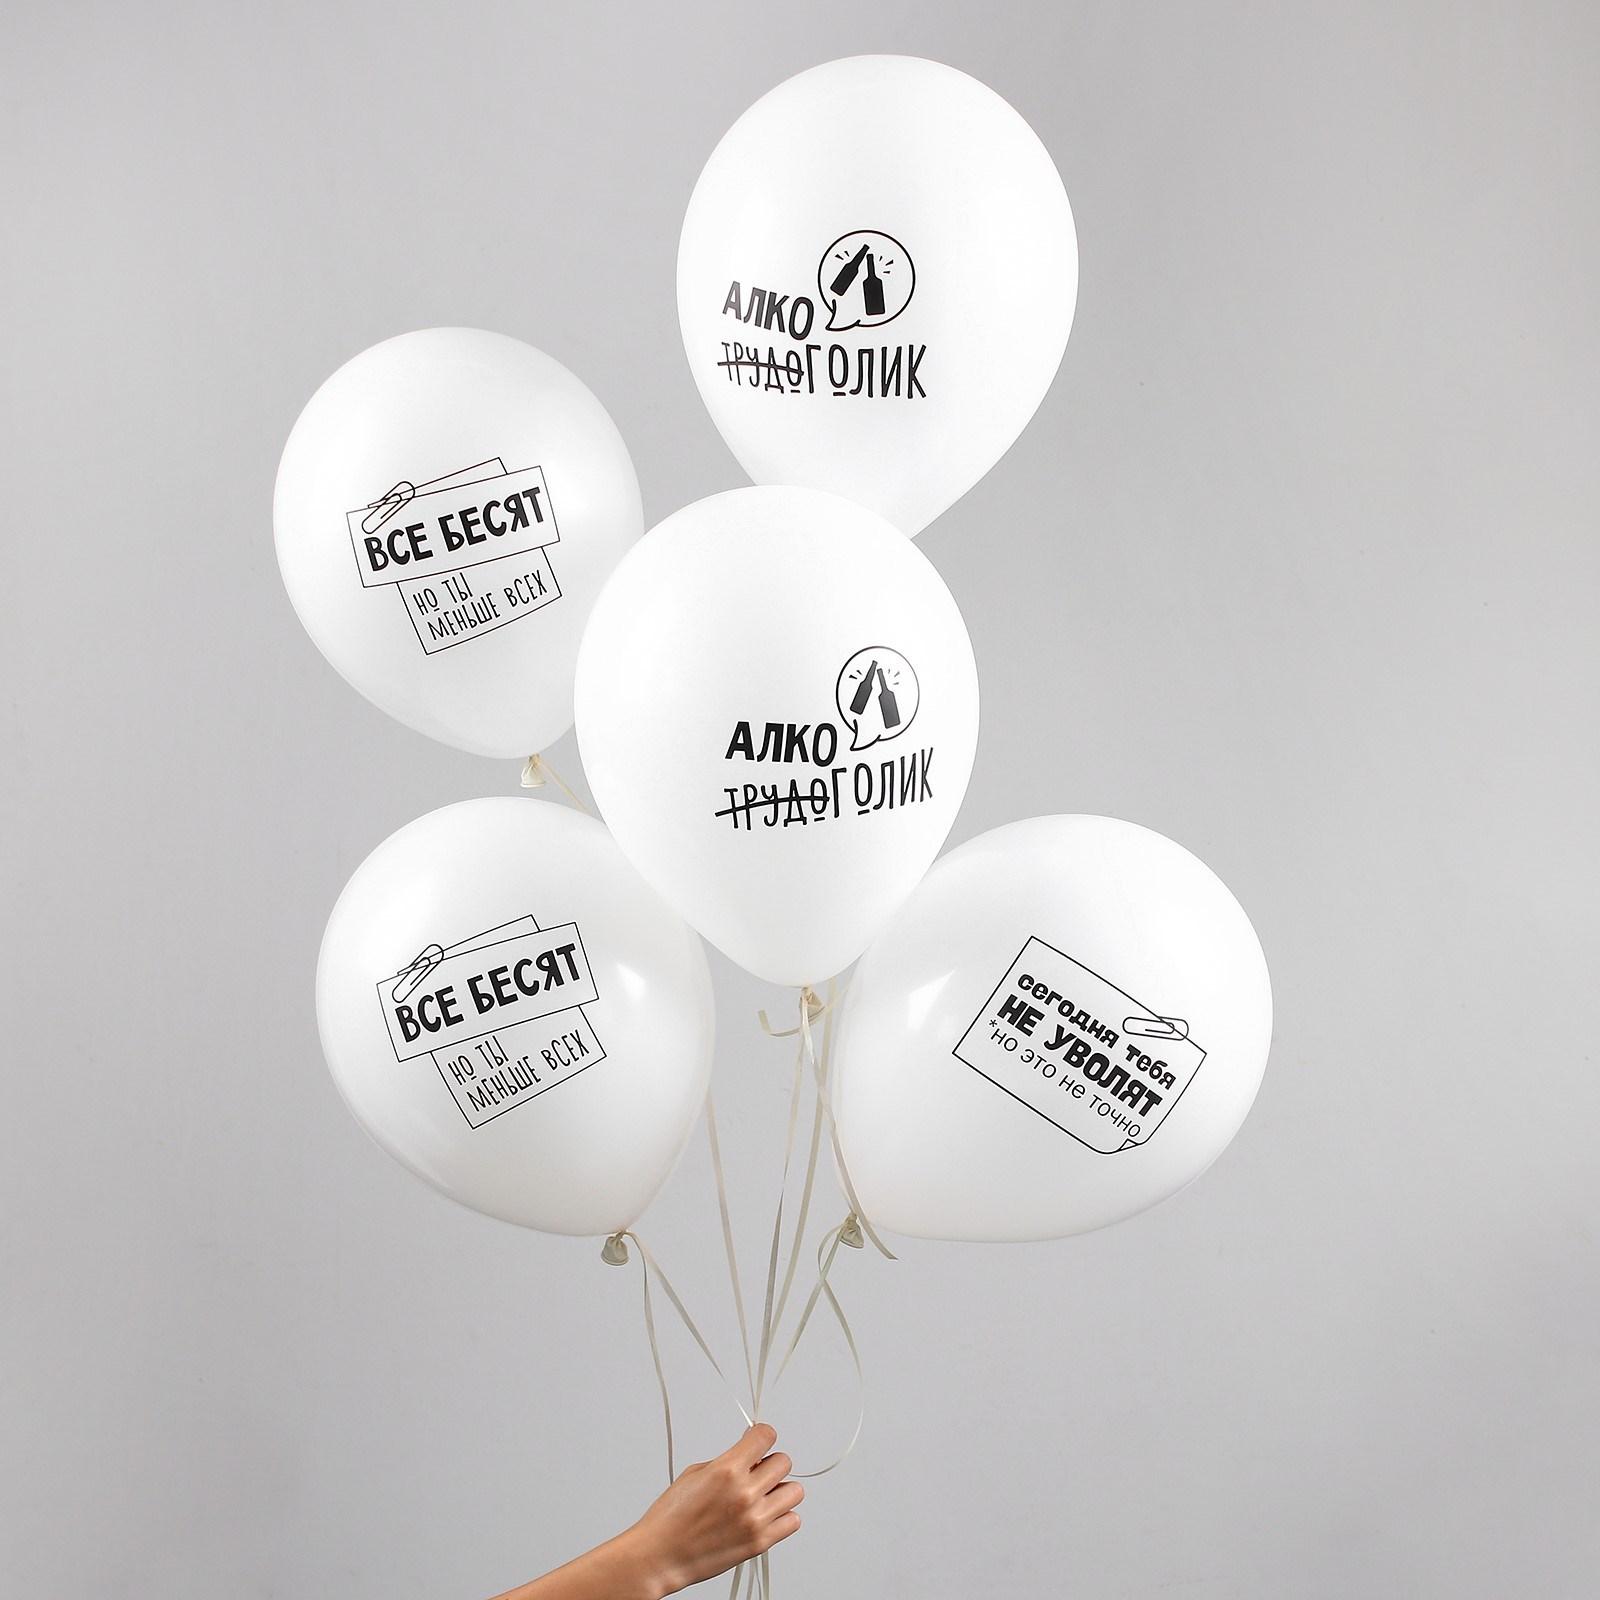 федеральные стихи к подарку воздушные шары прикольные современной планировки